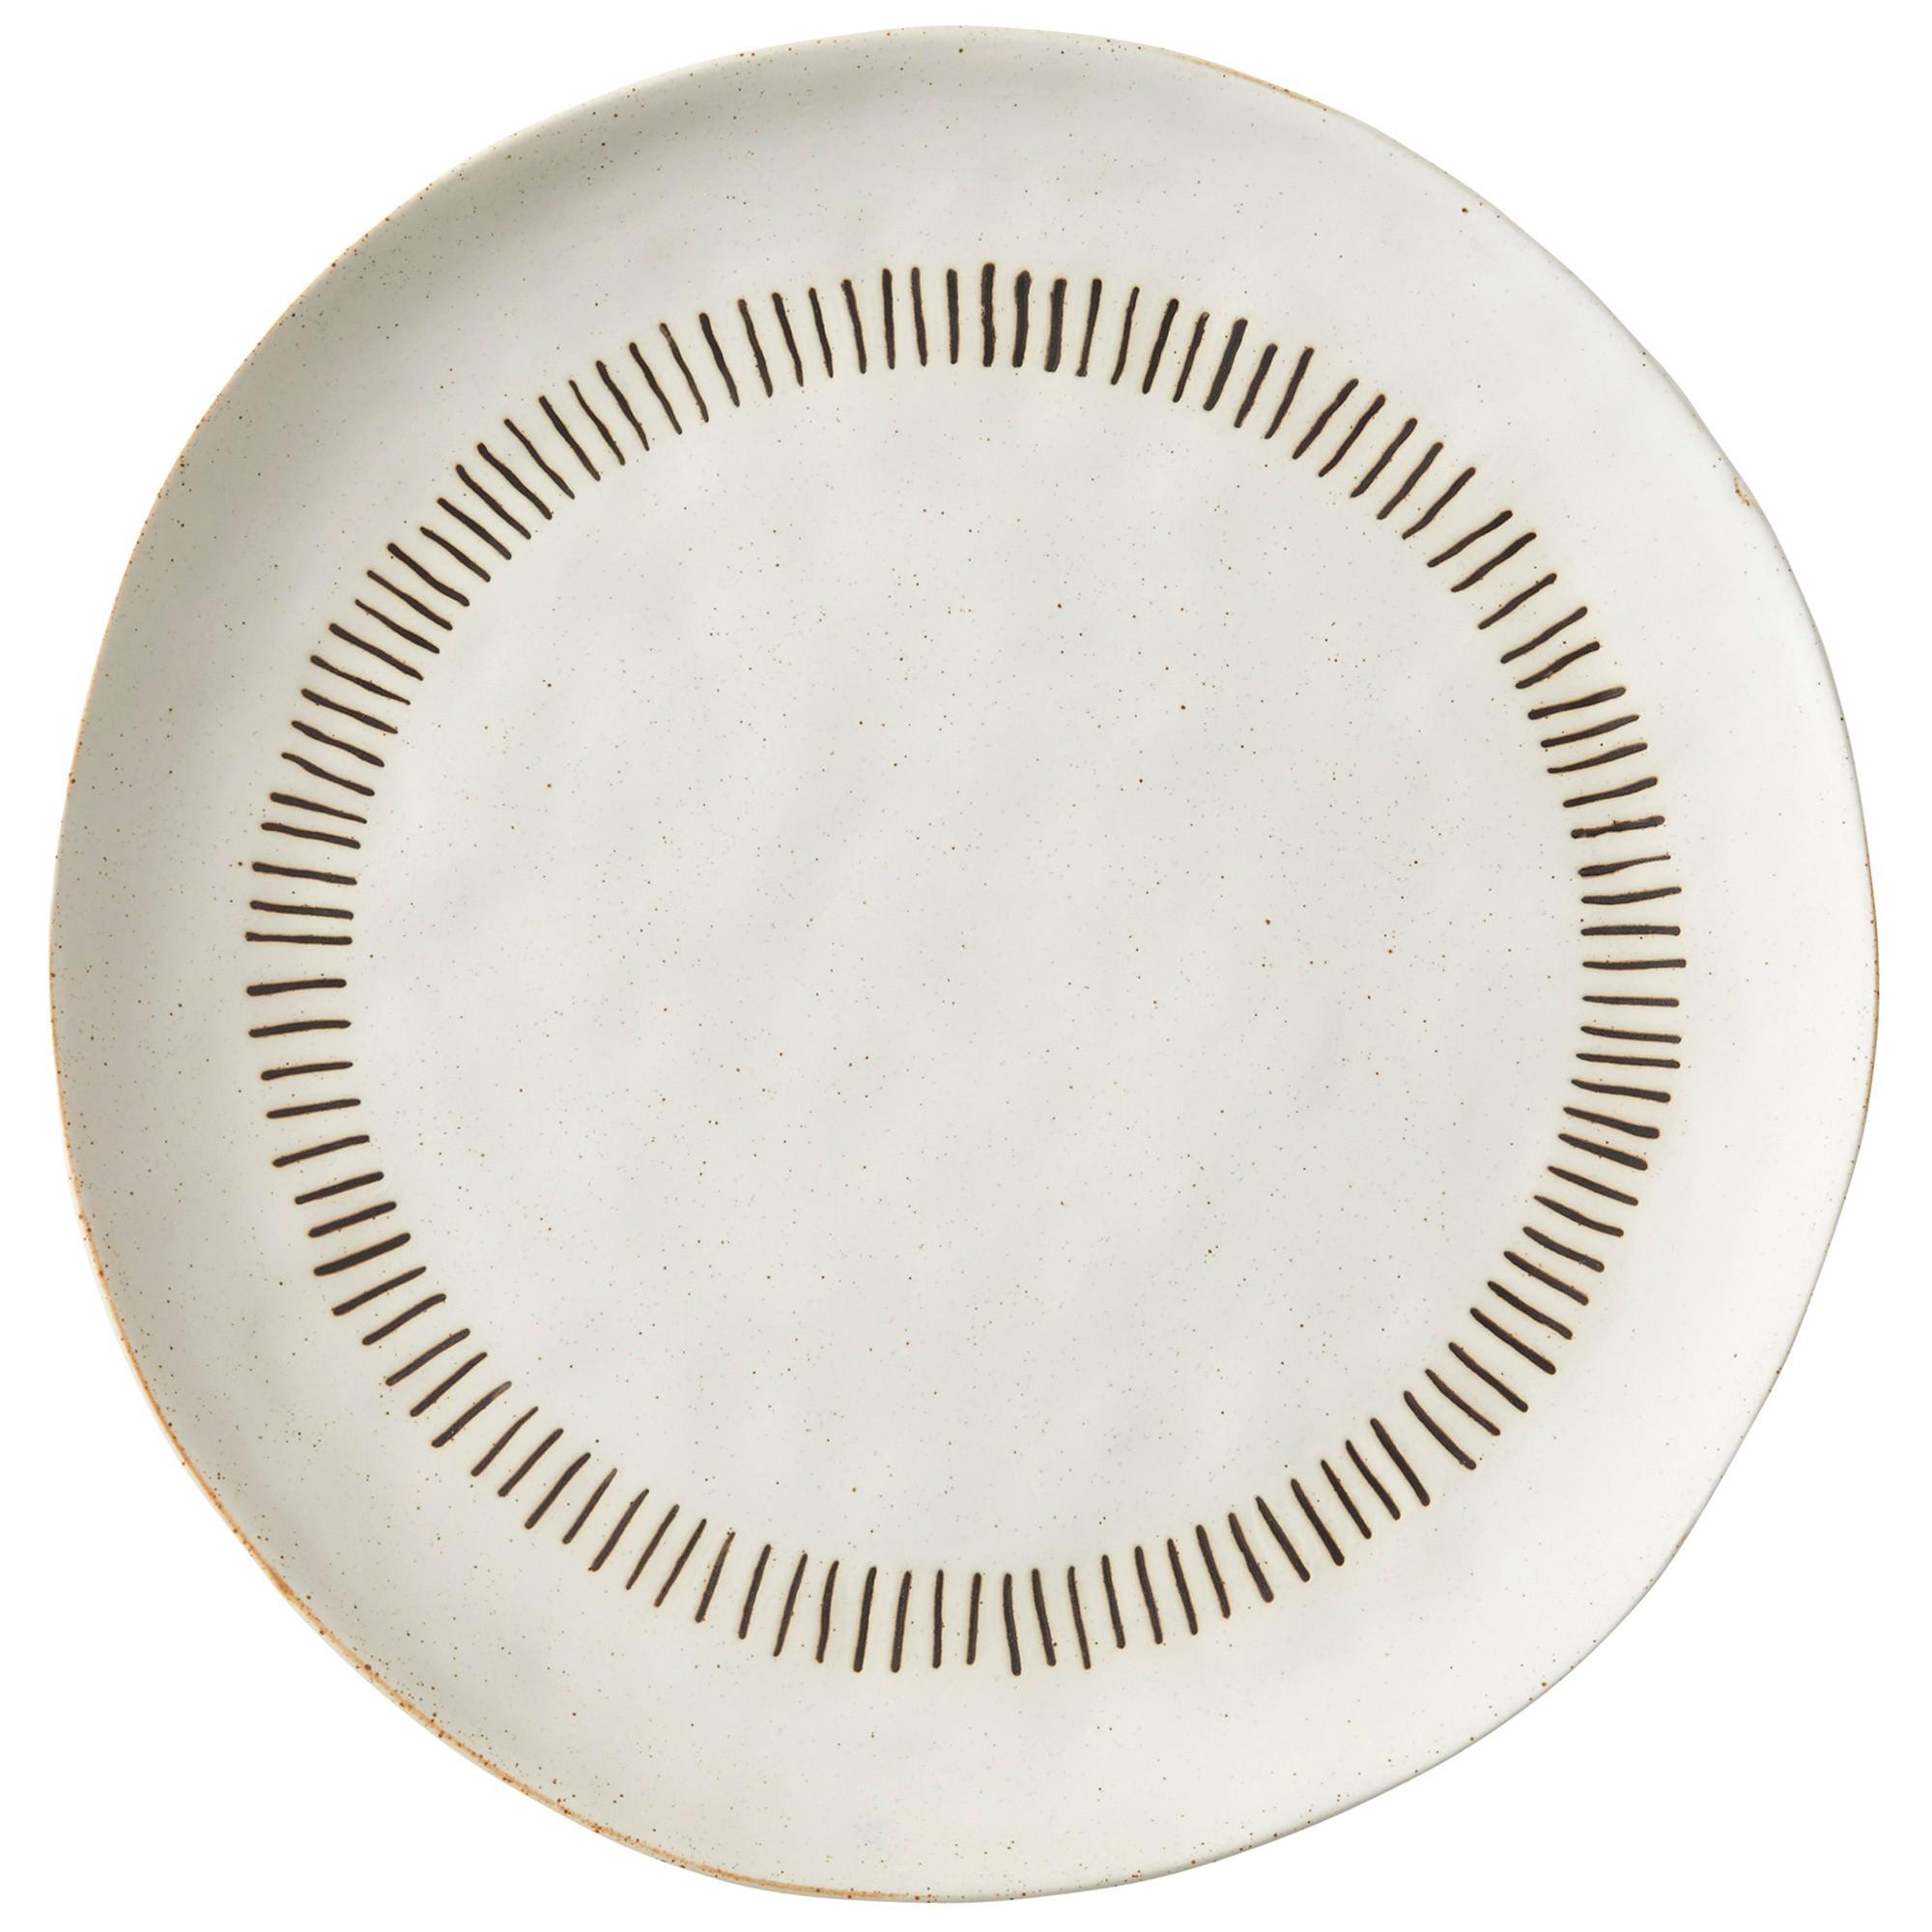 Santorini Ceramic Serving Platter, 33cm, Ivory